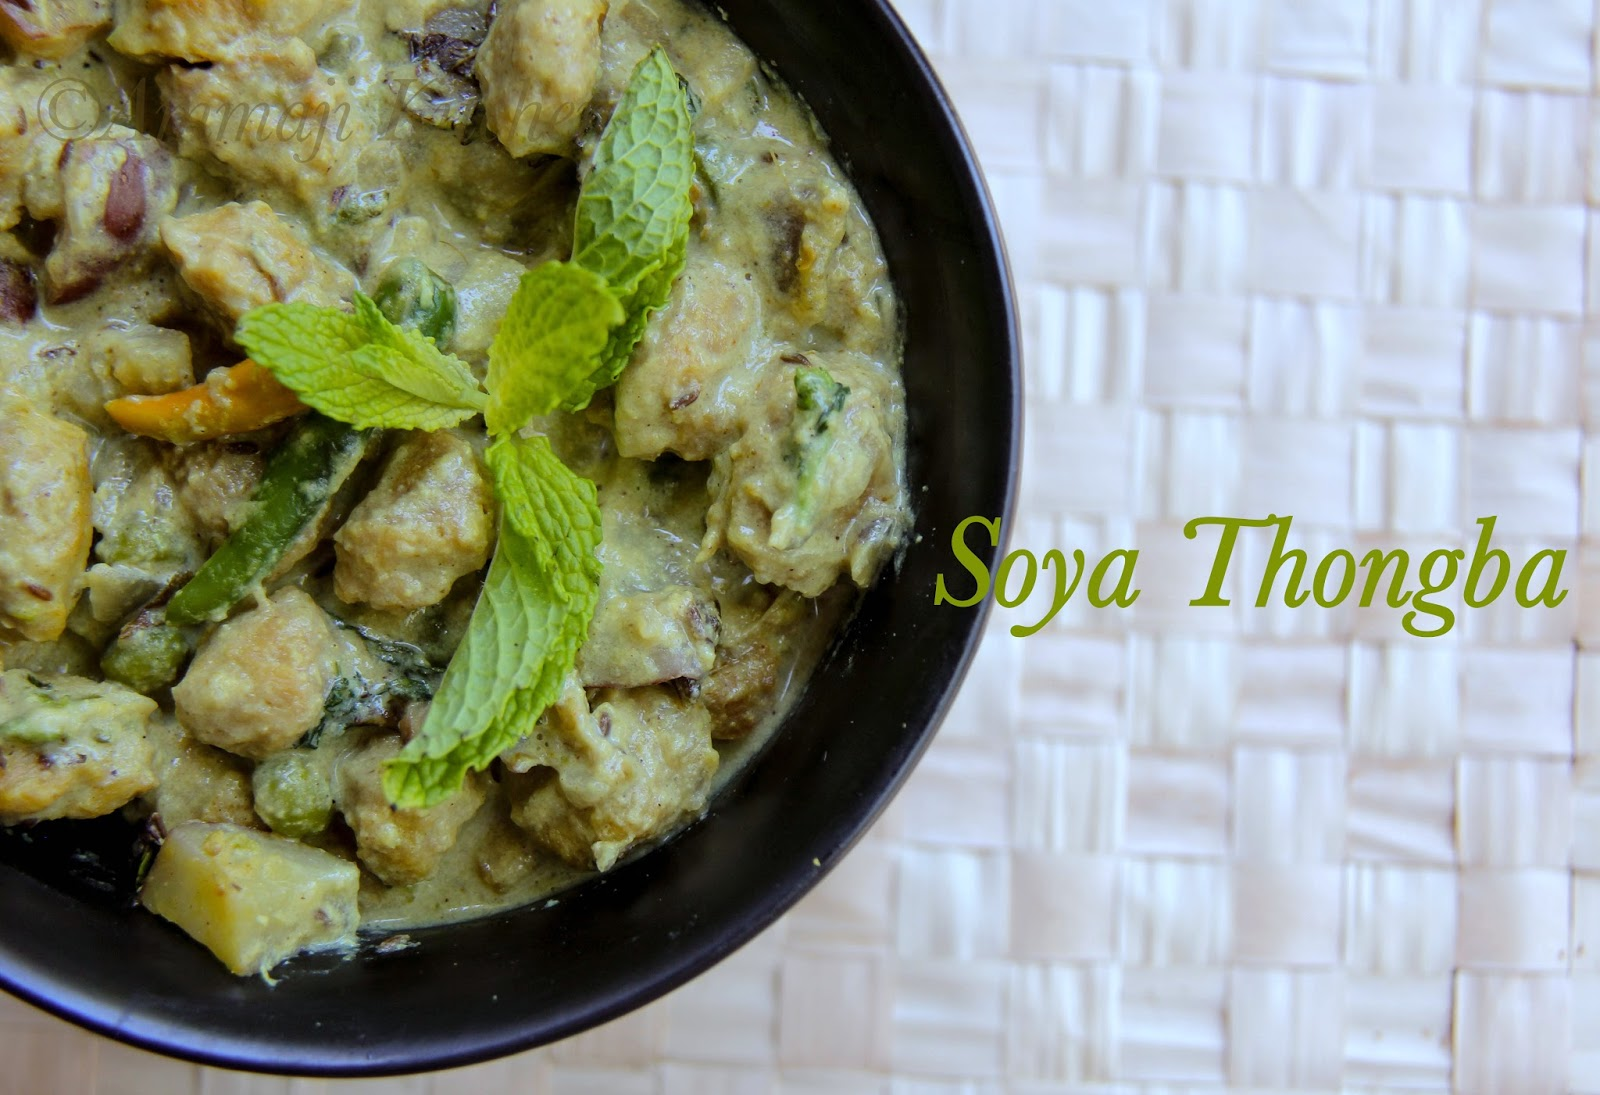 Soya Thongba